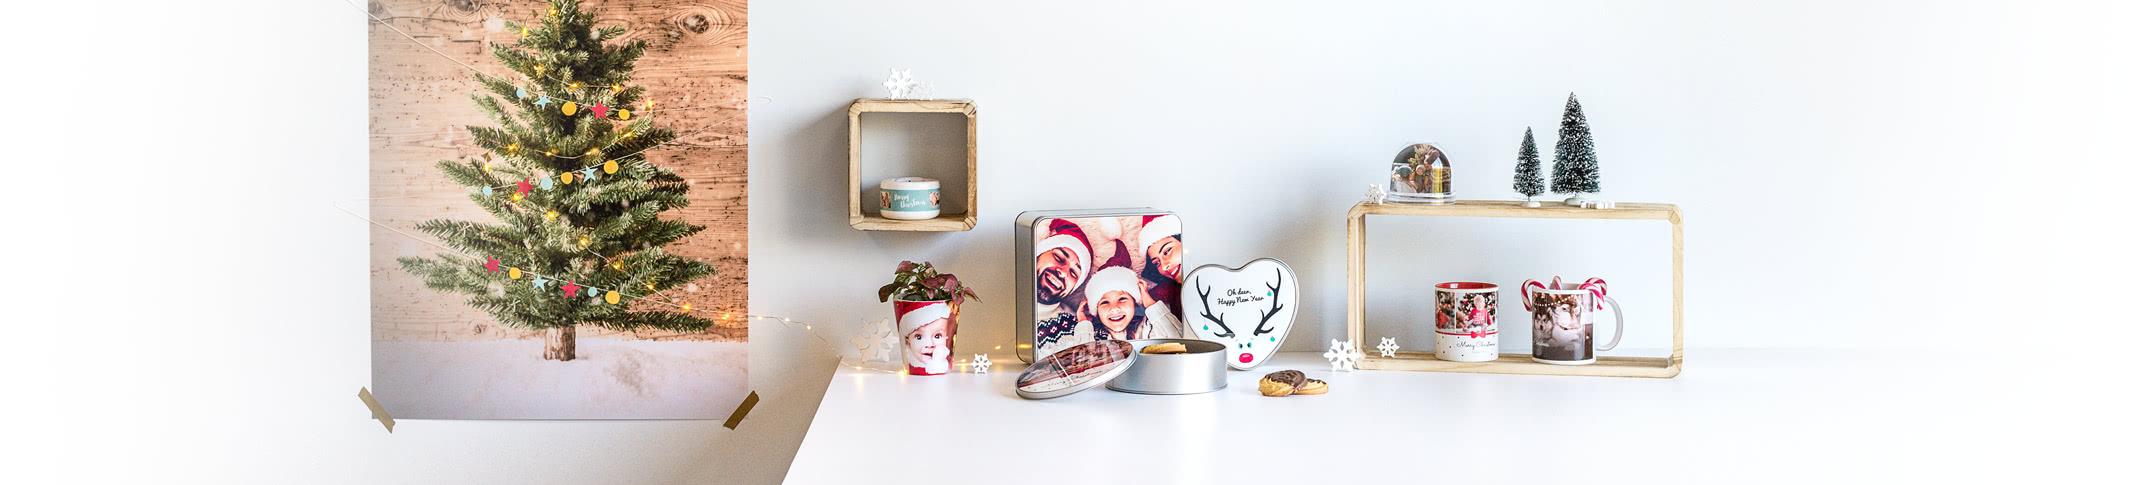 Fotogaver - Perfekte gaver til familie og venner!